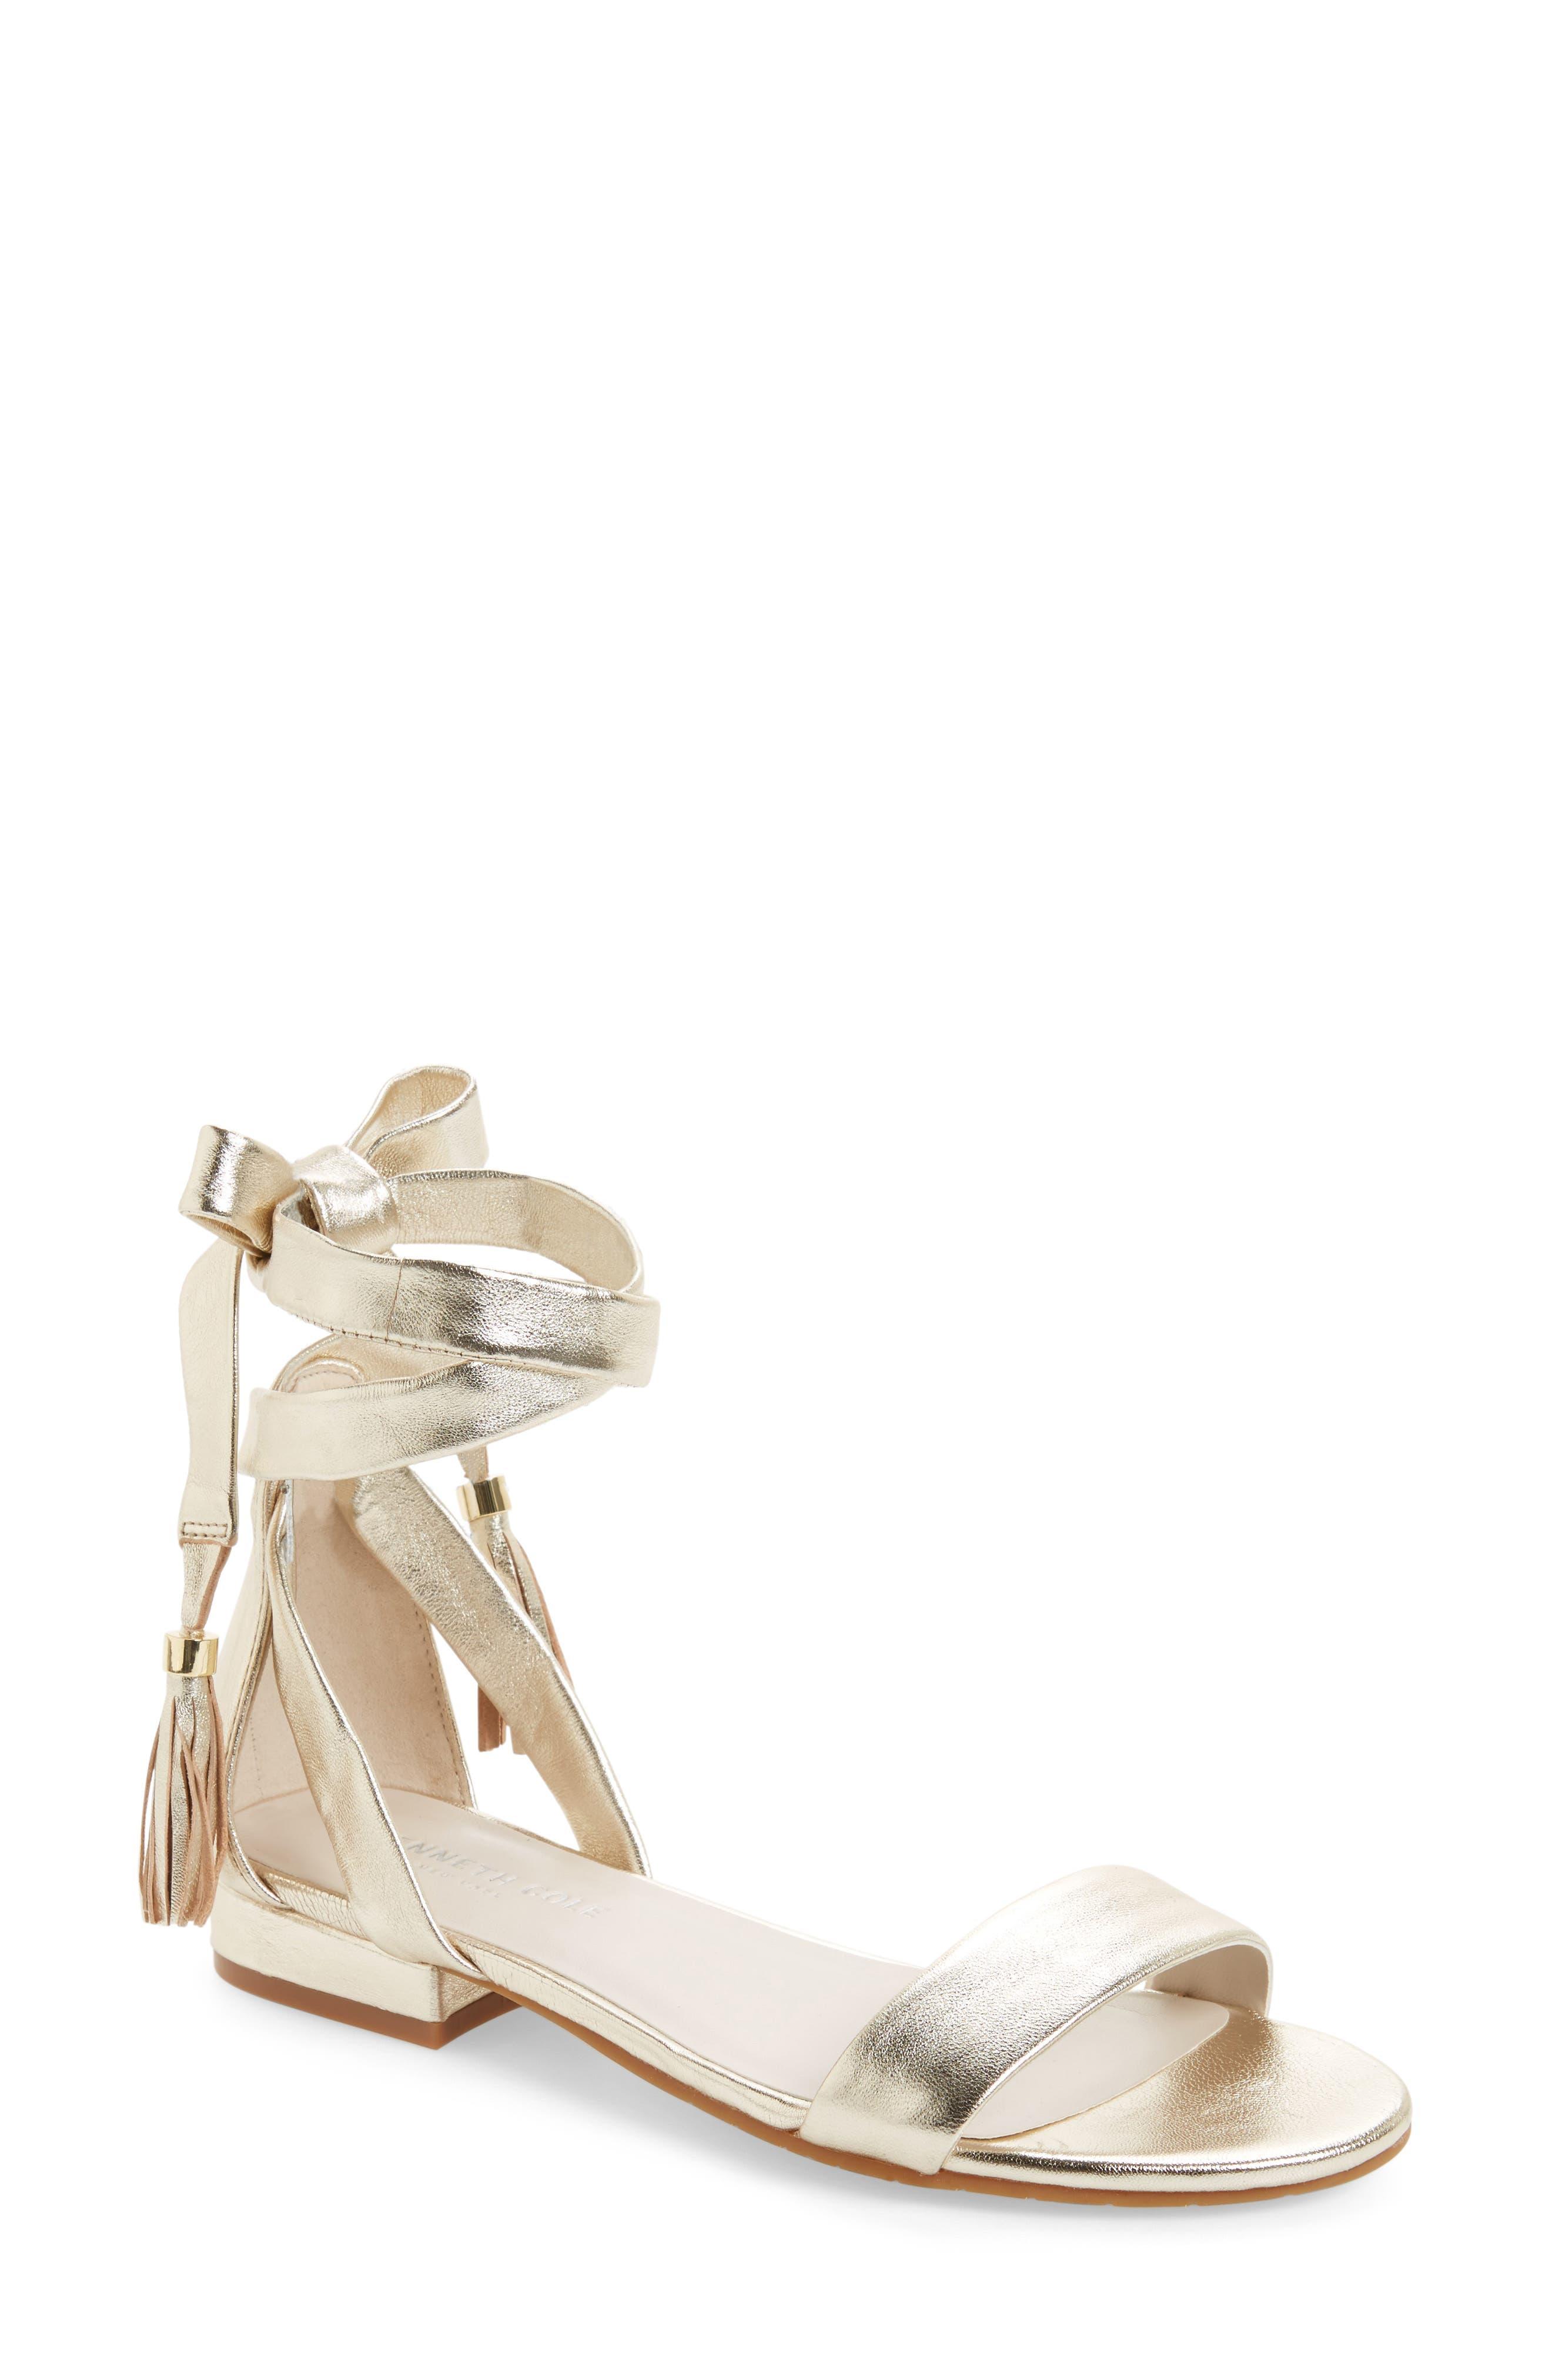 Valen Tassel Lace-Up Sandal,                             Main thumbnail 13, color,